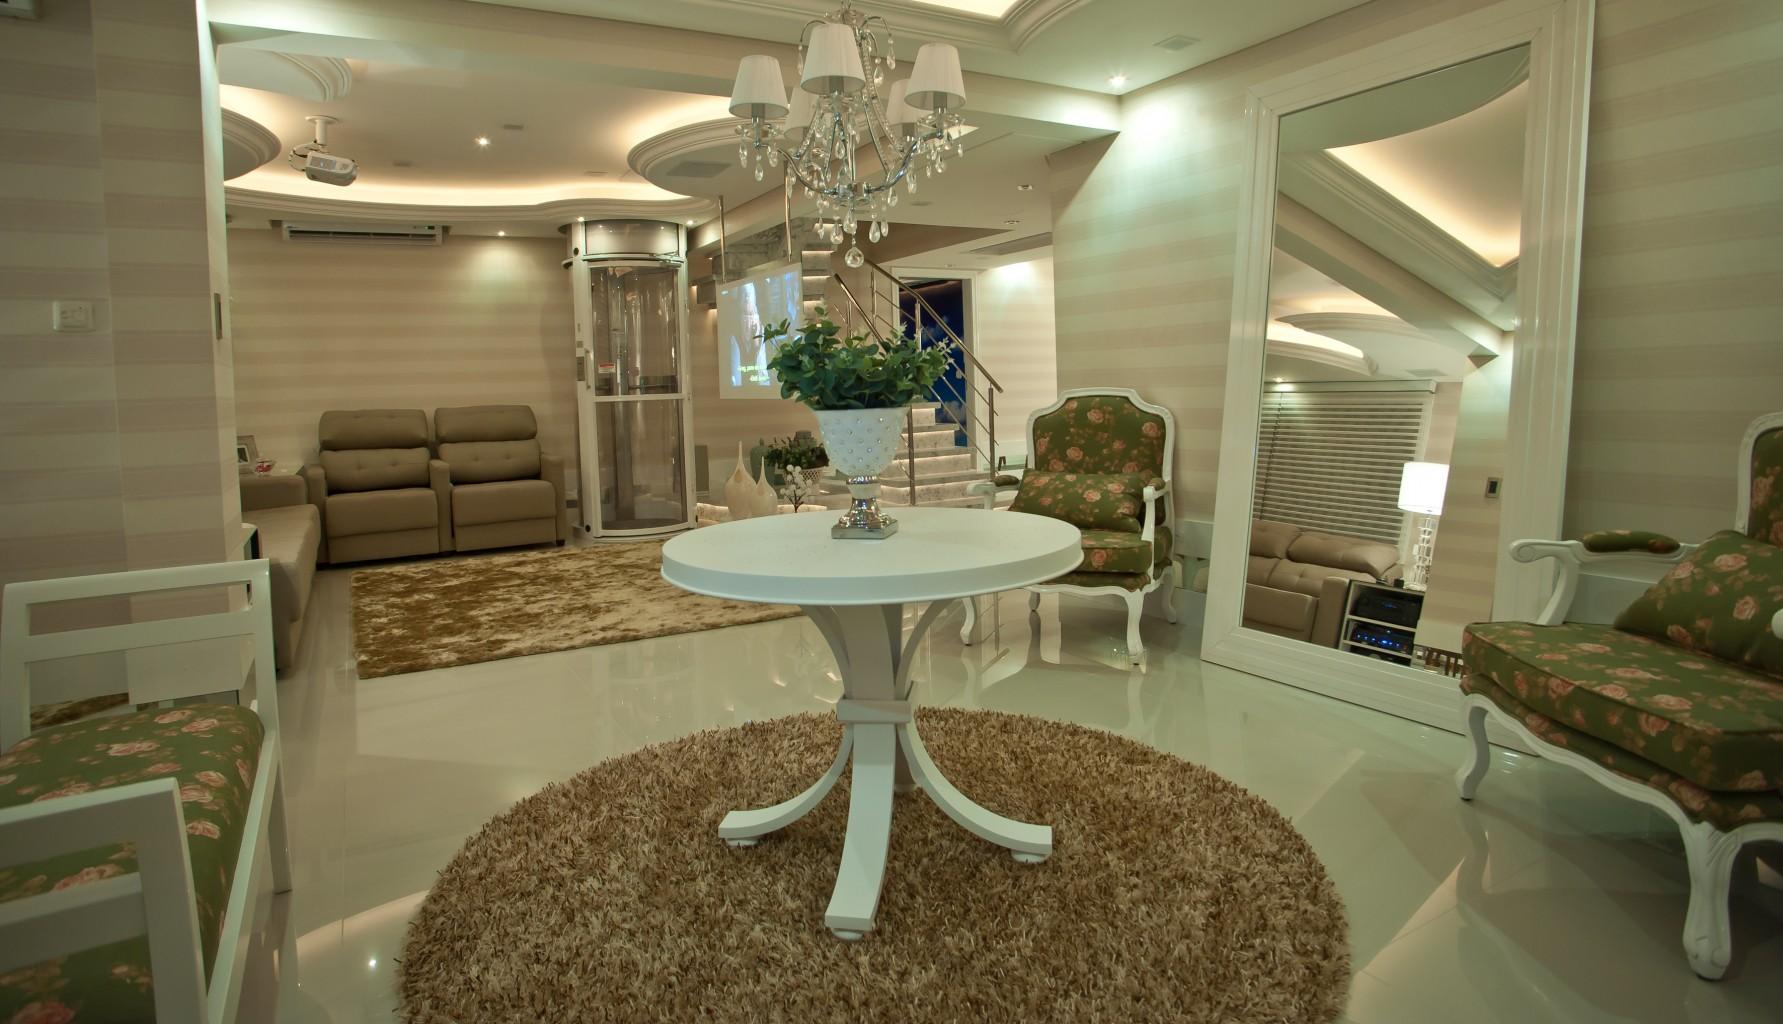 paulinho_peres_group_hall_cristais_swarovski_hotel_luxo_conforto_design_arquitetura